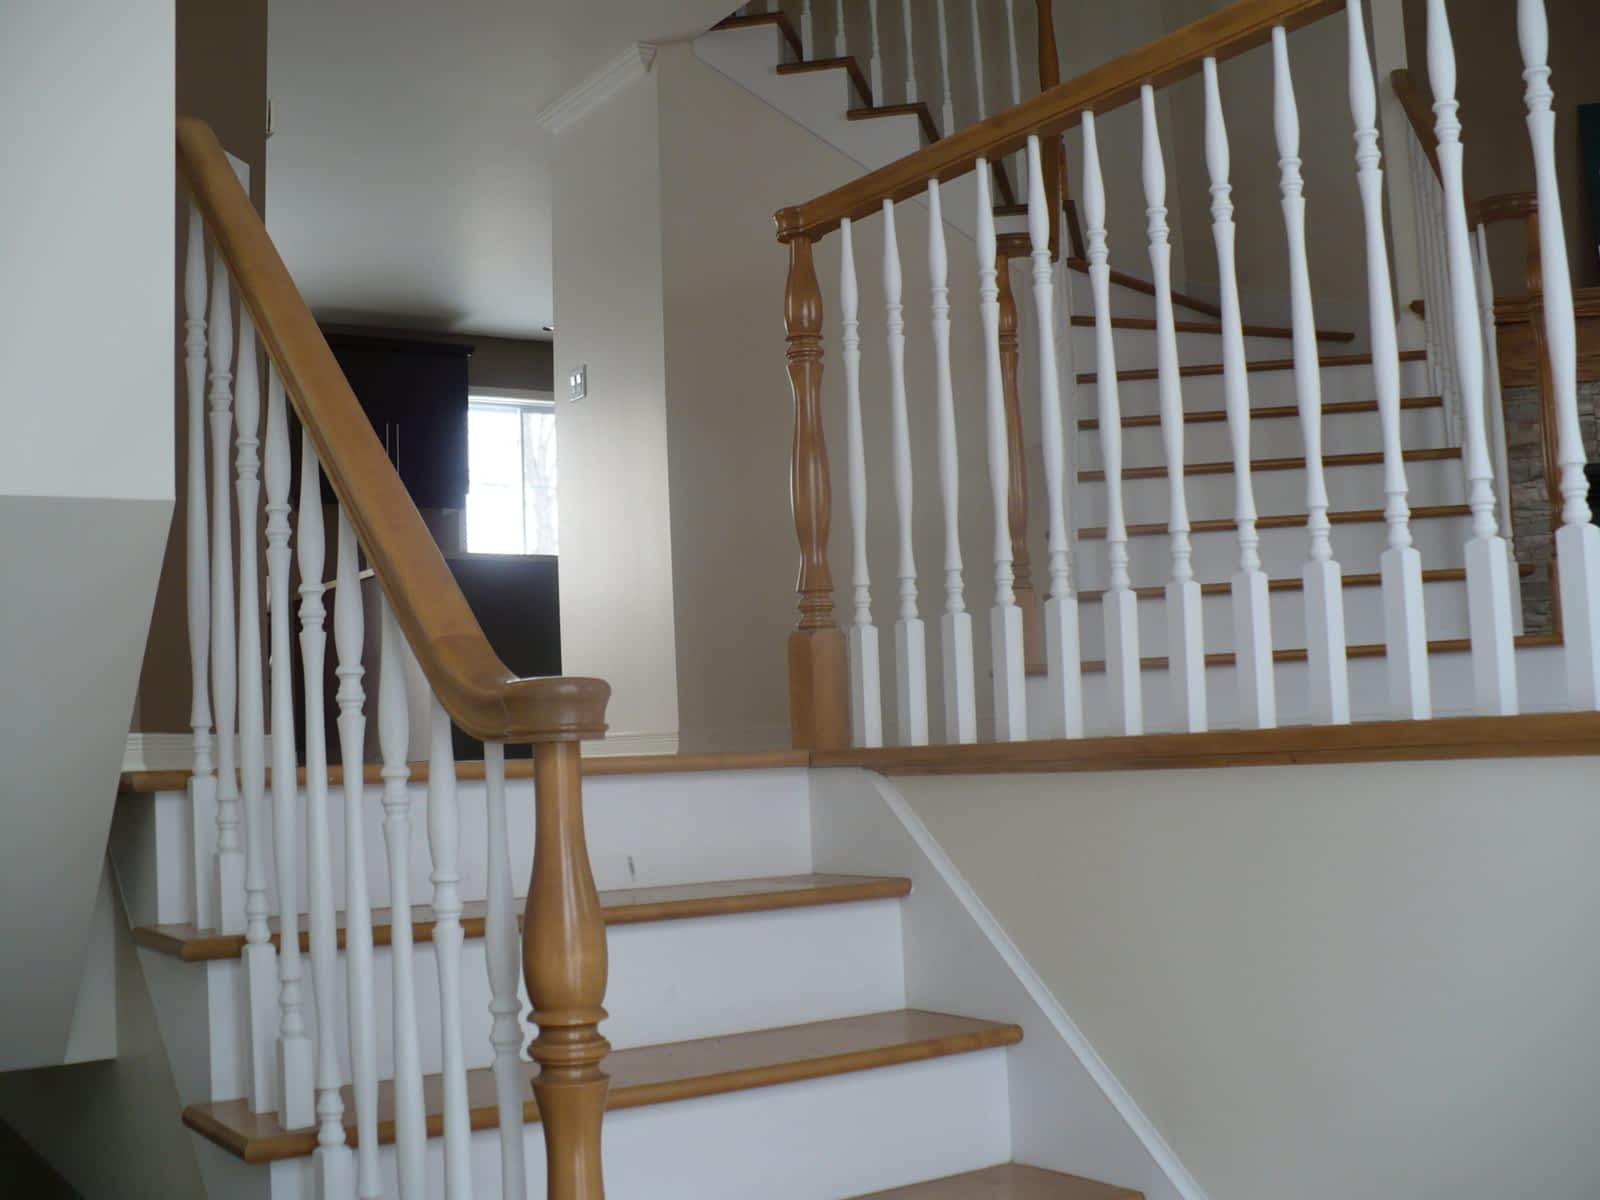 Photos Escaliers Intérieurs | Photos Escaliers Intérieurs Cq94 ...